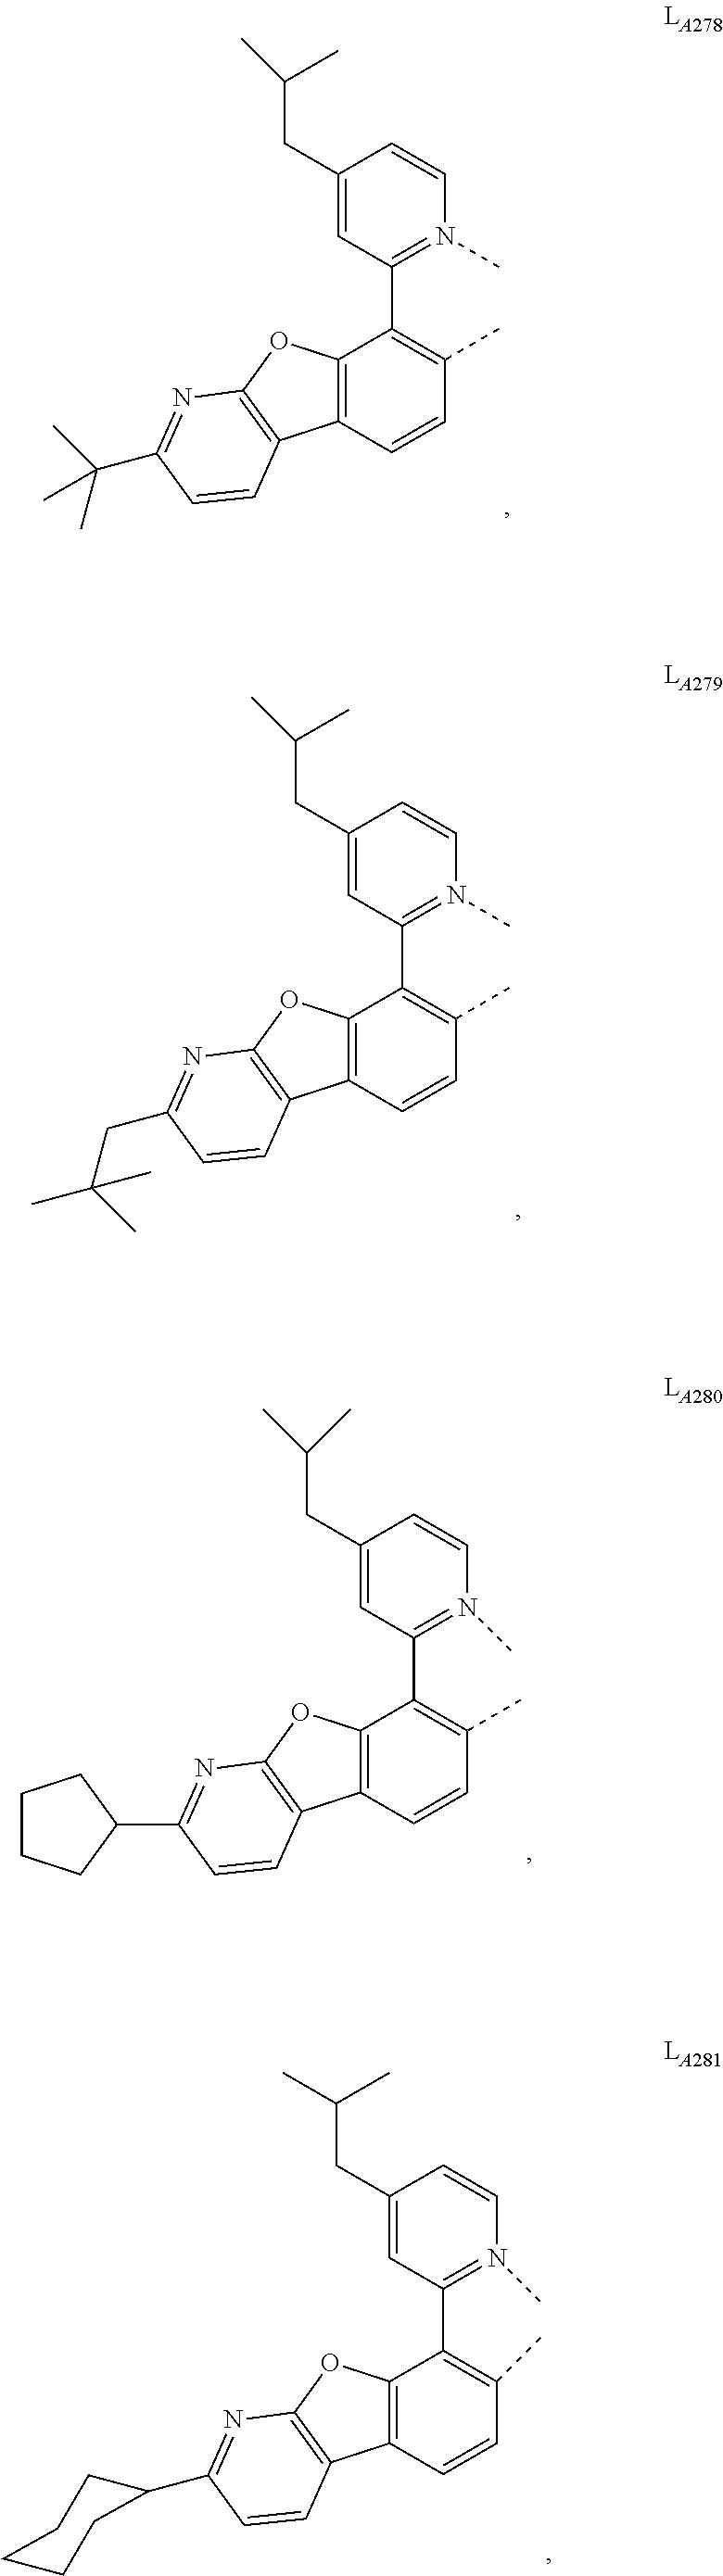 Figure US20160049599A1-20160218-C00074